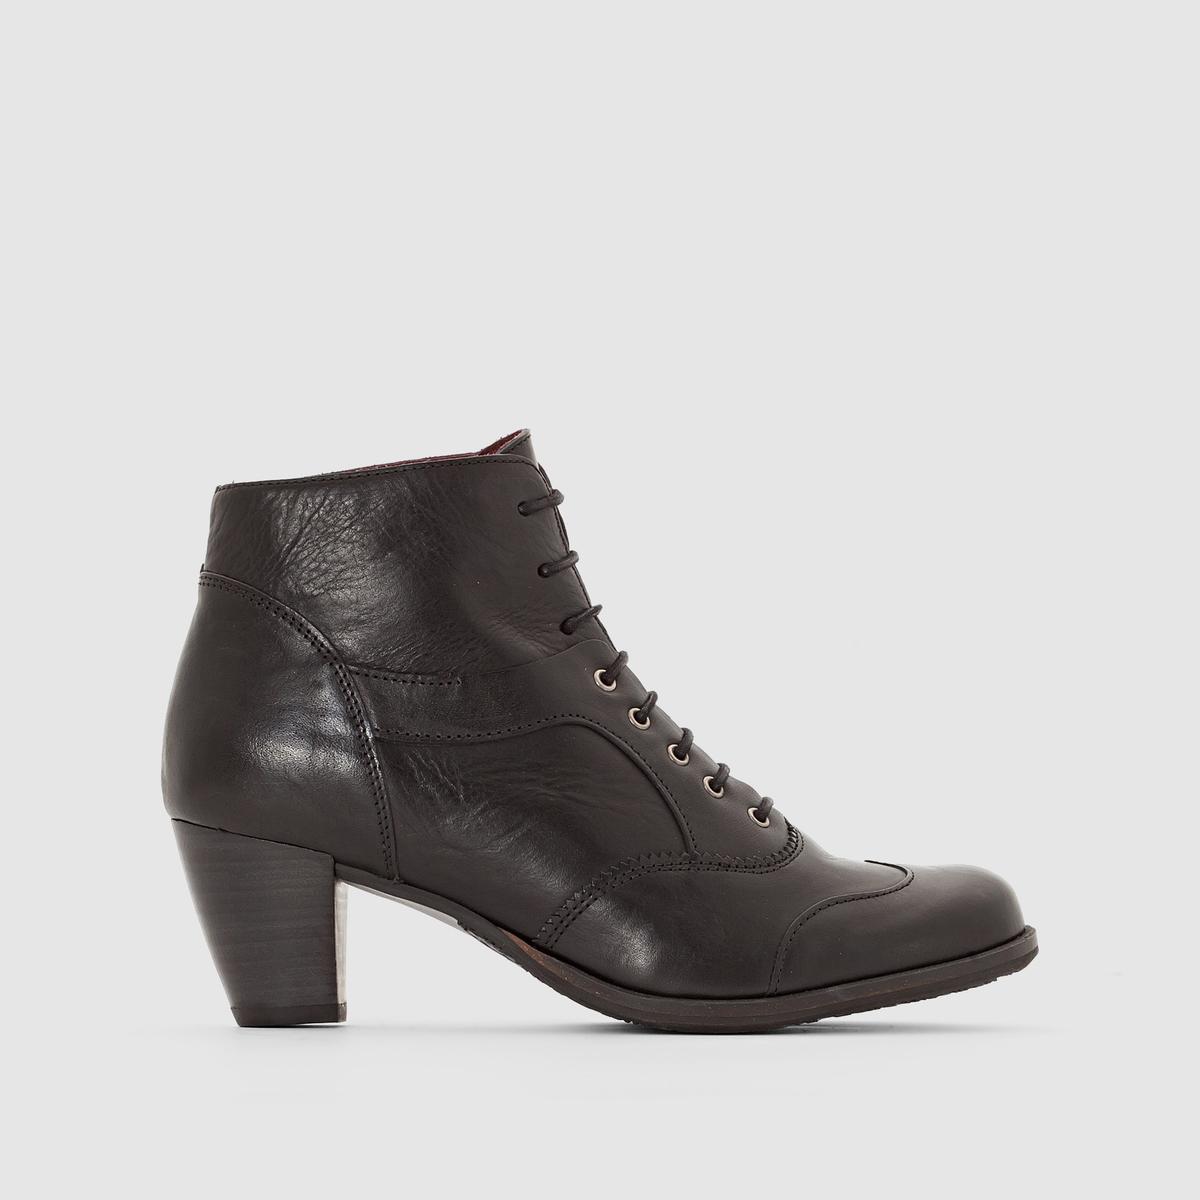 Ботильоны из кожи на каблуке и шнуровке ValynВерх/ Голенище : Яловичная кожа     Подкладка : Кожа   Стелька :  Кожа   Подошва : каучук.   Высота каблука : Средний (от 4 до 6 см) Высота голенища  : 10 см   Застежка : шнуровка.<br><br>Цвет: черный